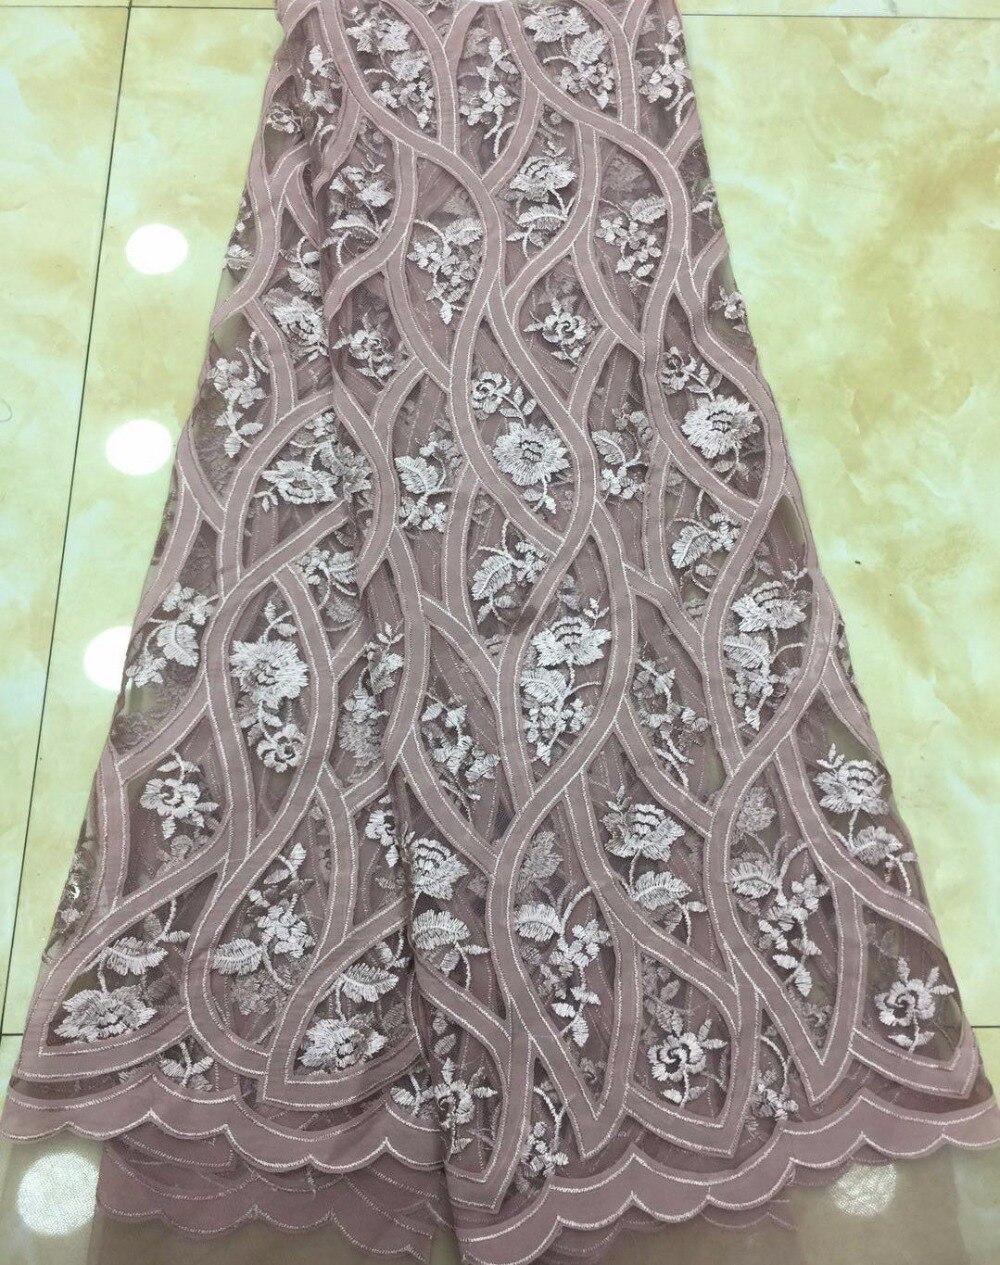 Encaje de tul africano de alta calidad Hojilou tela de encaje de corte africano el nuevo listado de tela de encaje de guipur africano de alta calidad TS6291